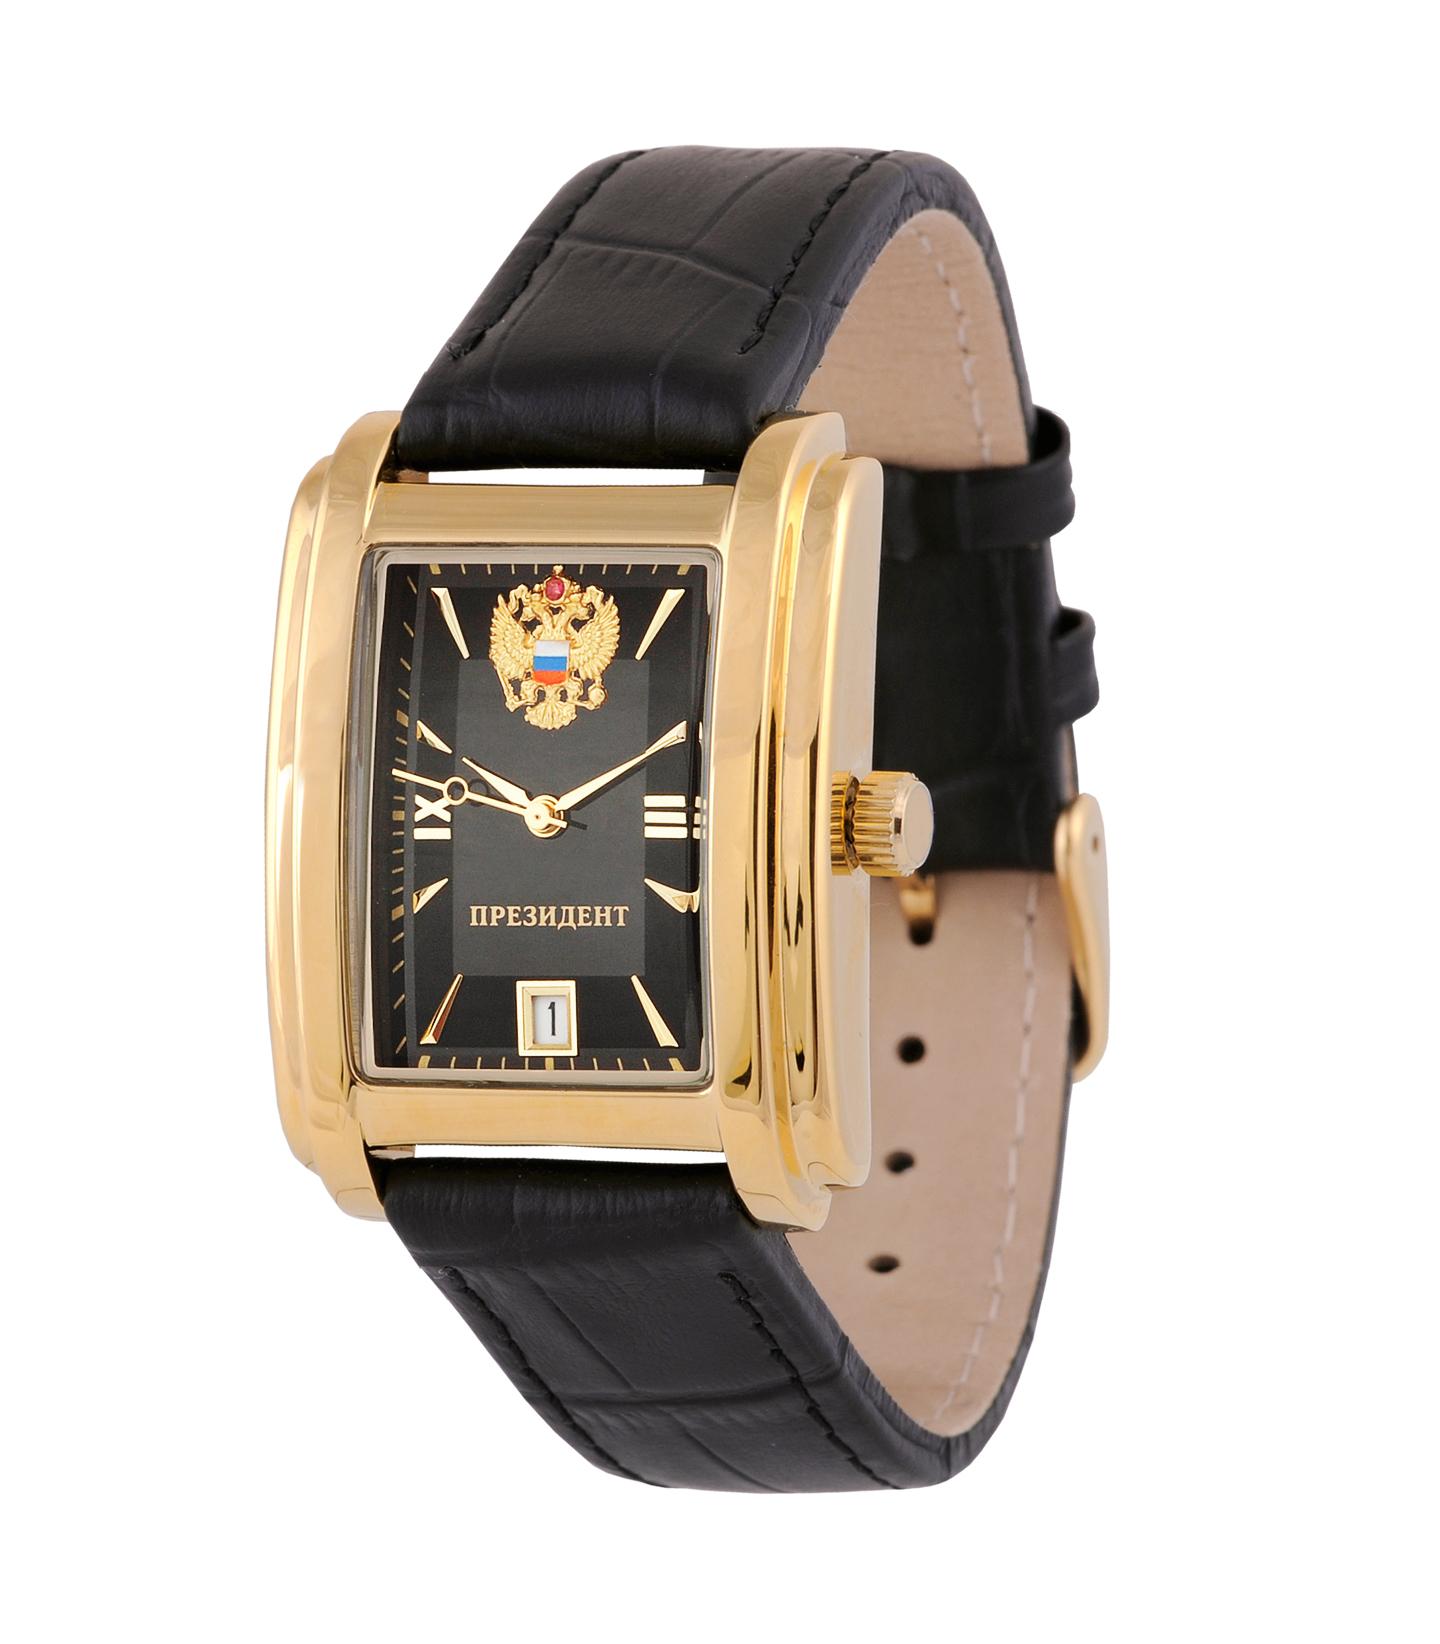 Русские наручные часы мужские с автоподзаводом